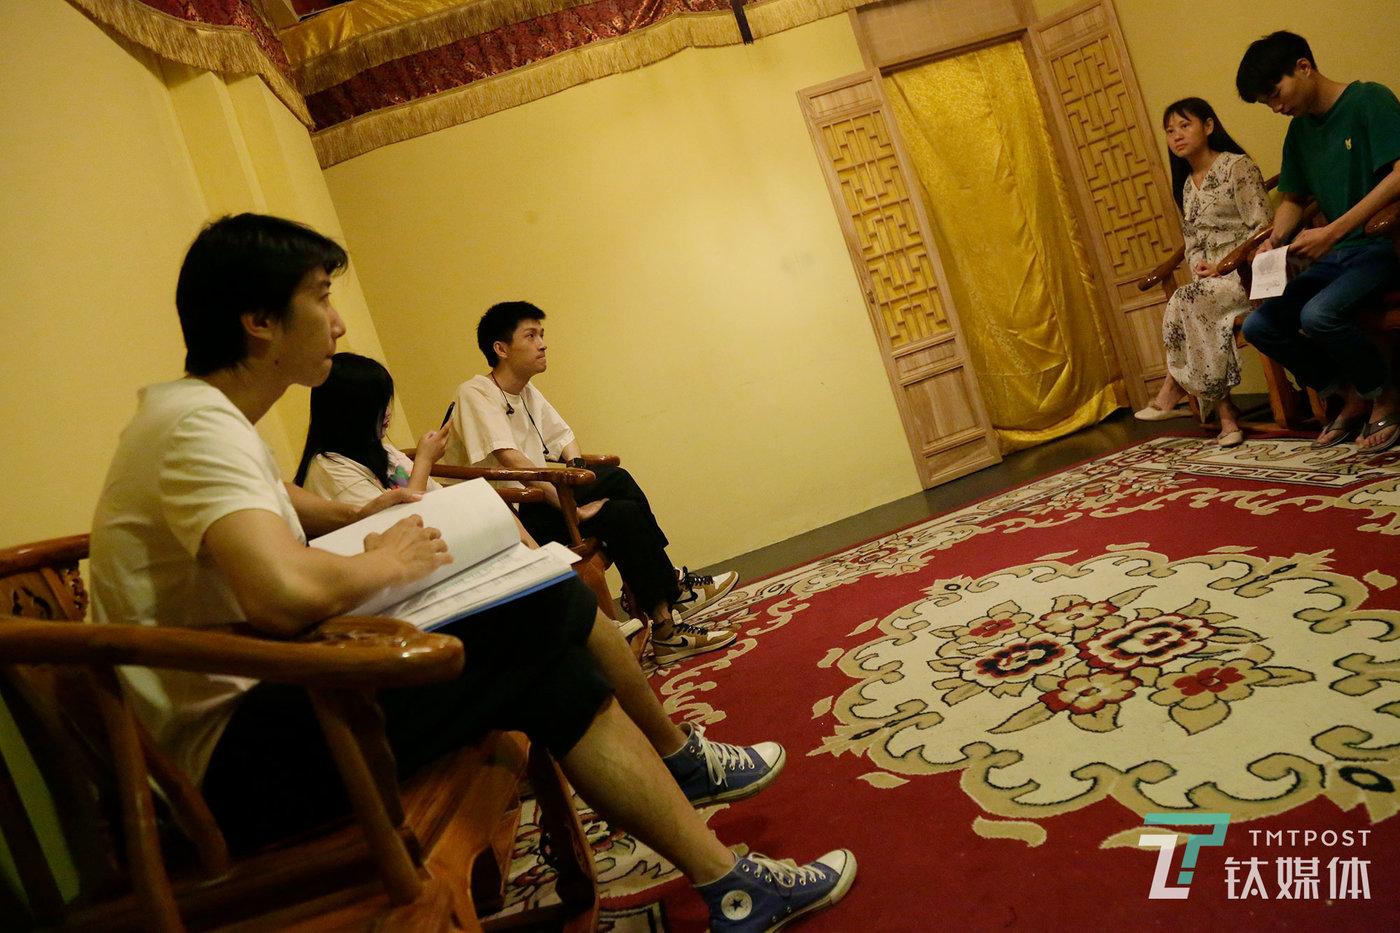 7月12日,实景演员招新面试中。